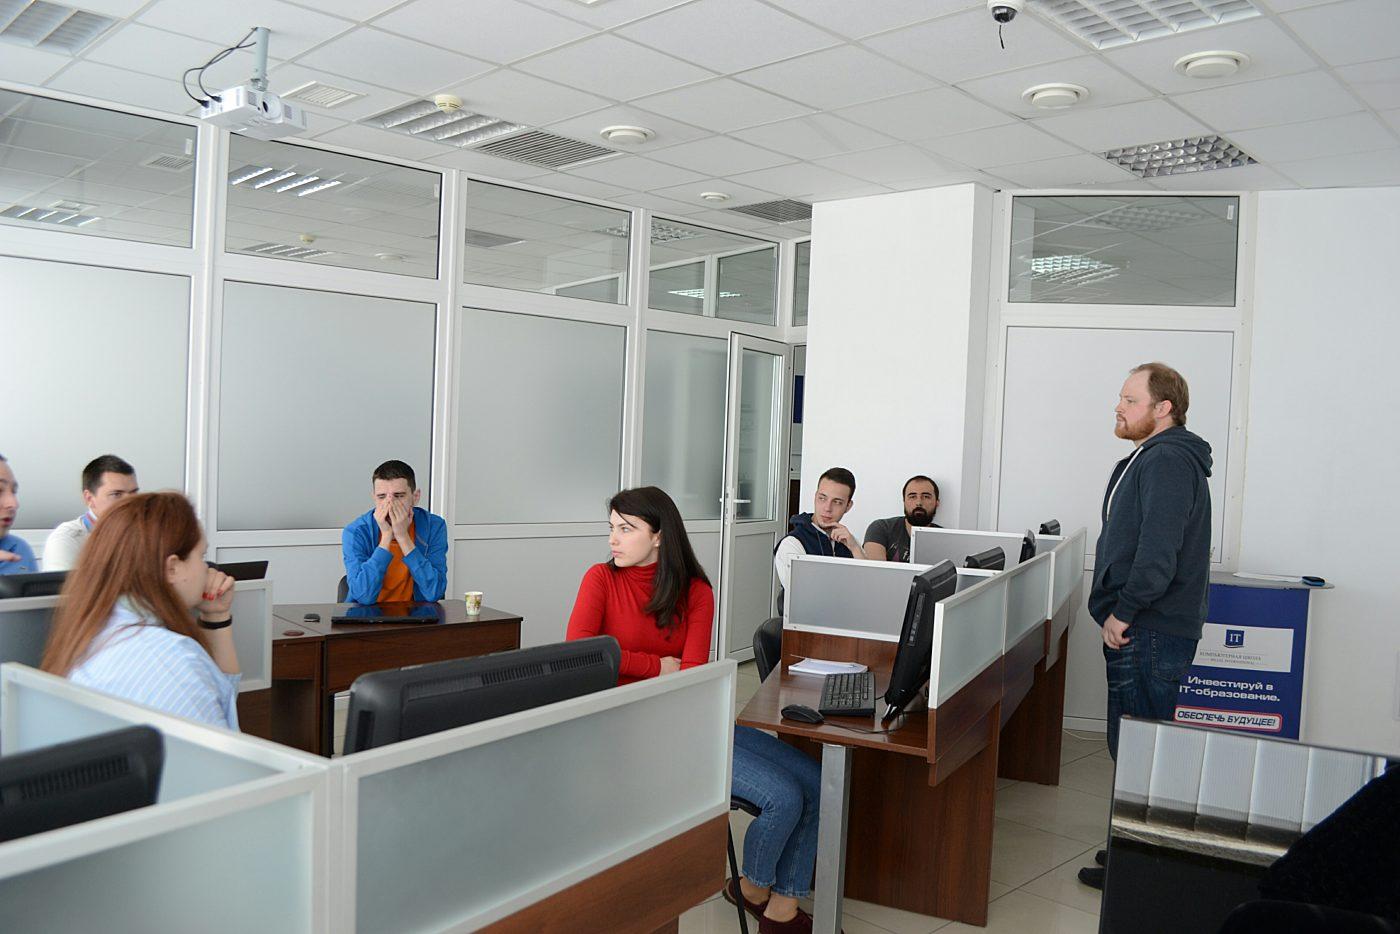 Новости школы: Презентация прототипа программы Hillel Evo в Днепре